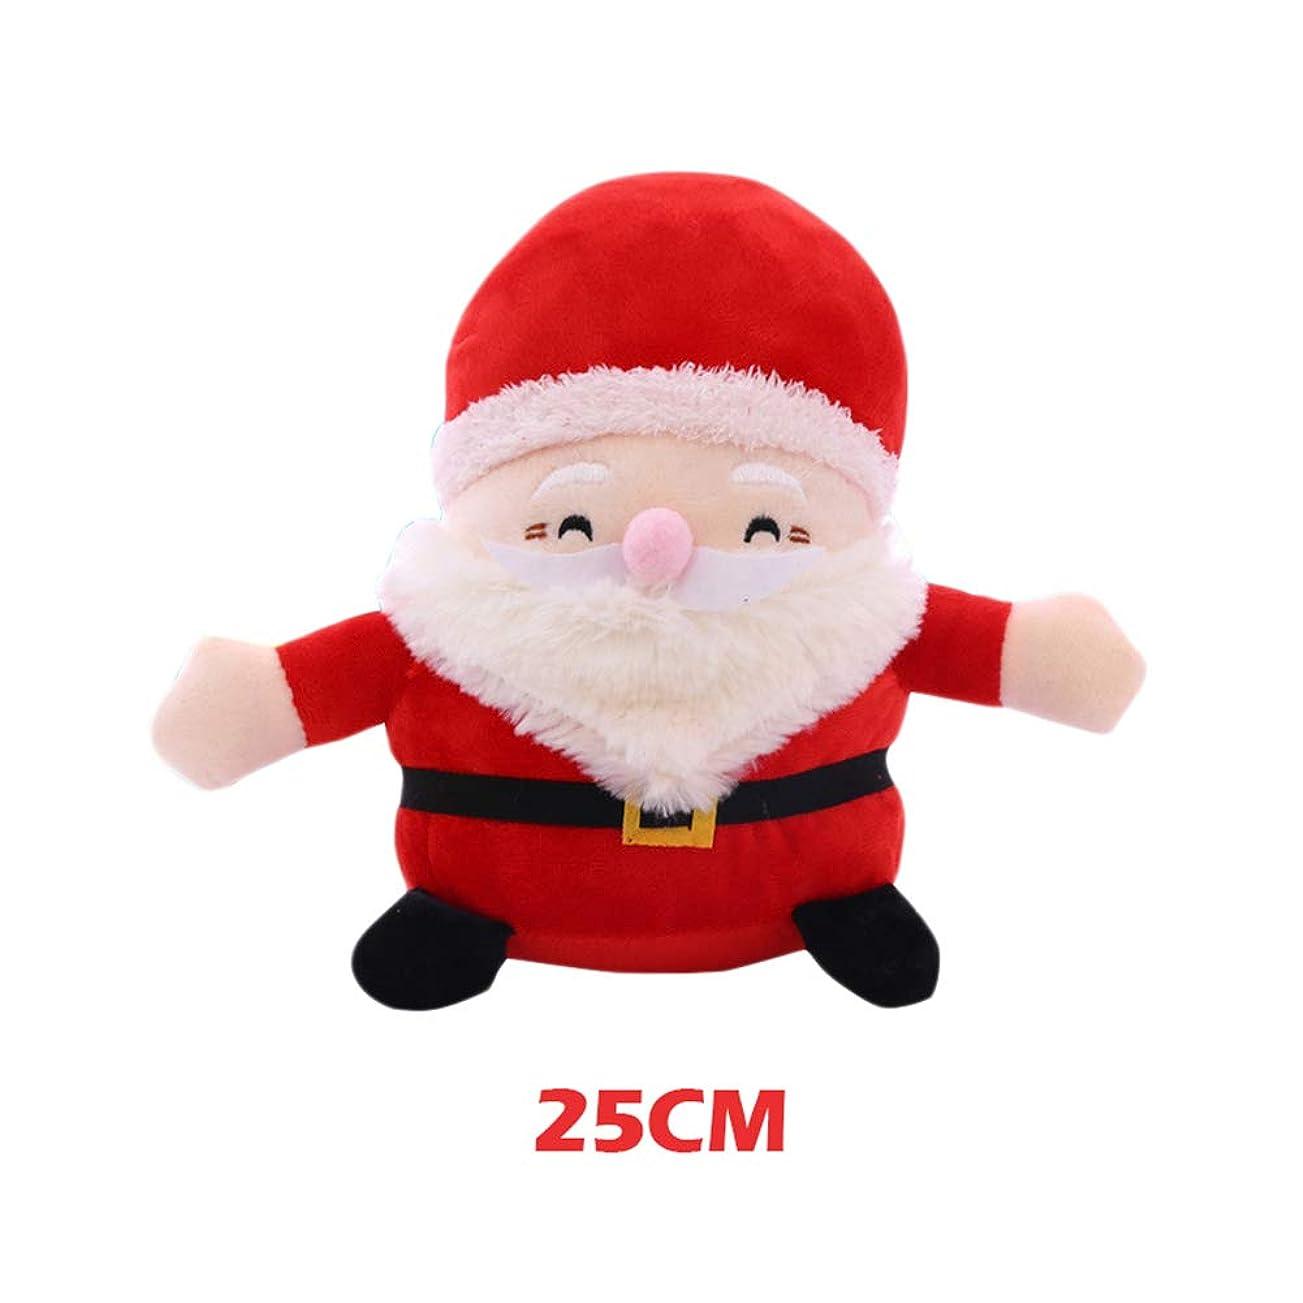 騙すライブ七時半PROKTH クリスマスデコレーション サンタクロース おもちゃ クリスマス装飾 プレゼント 可愛い インテリア飾りインテリア飾り クリスマス雰囲気満載 単品